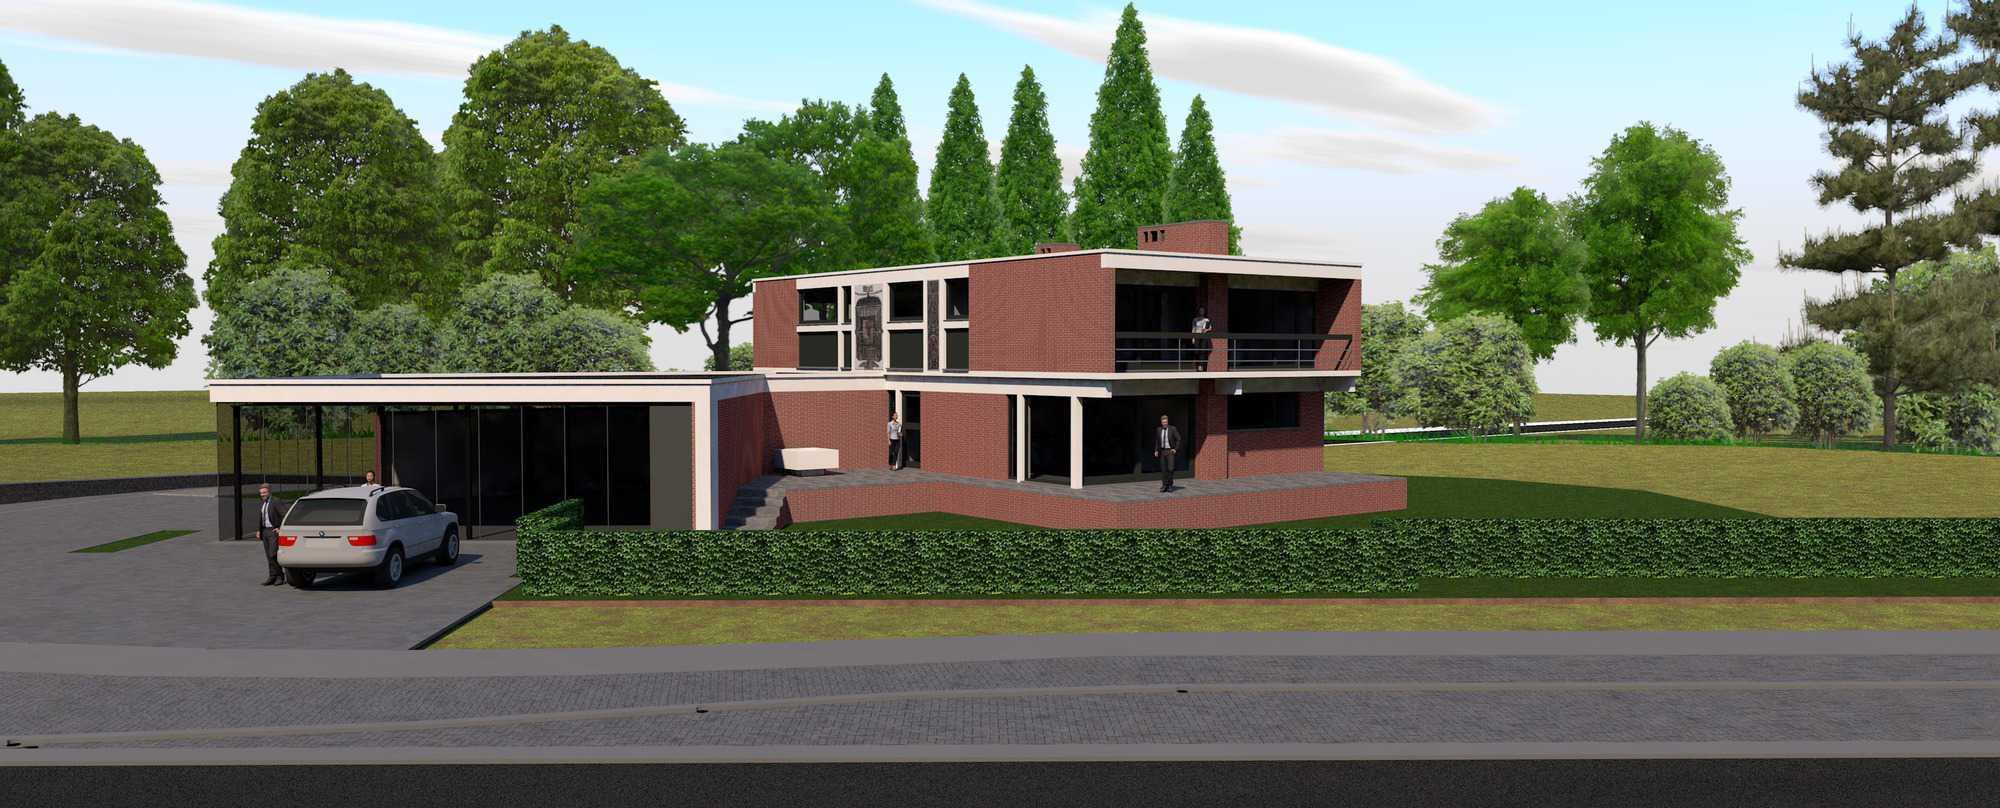 Detail afbeelding 7 van Verbouwing Modernistische Villa | Ontwerp door architect Patrick Strackx